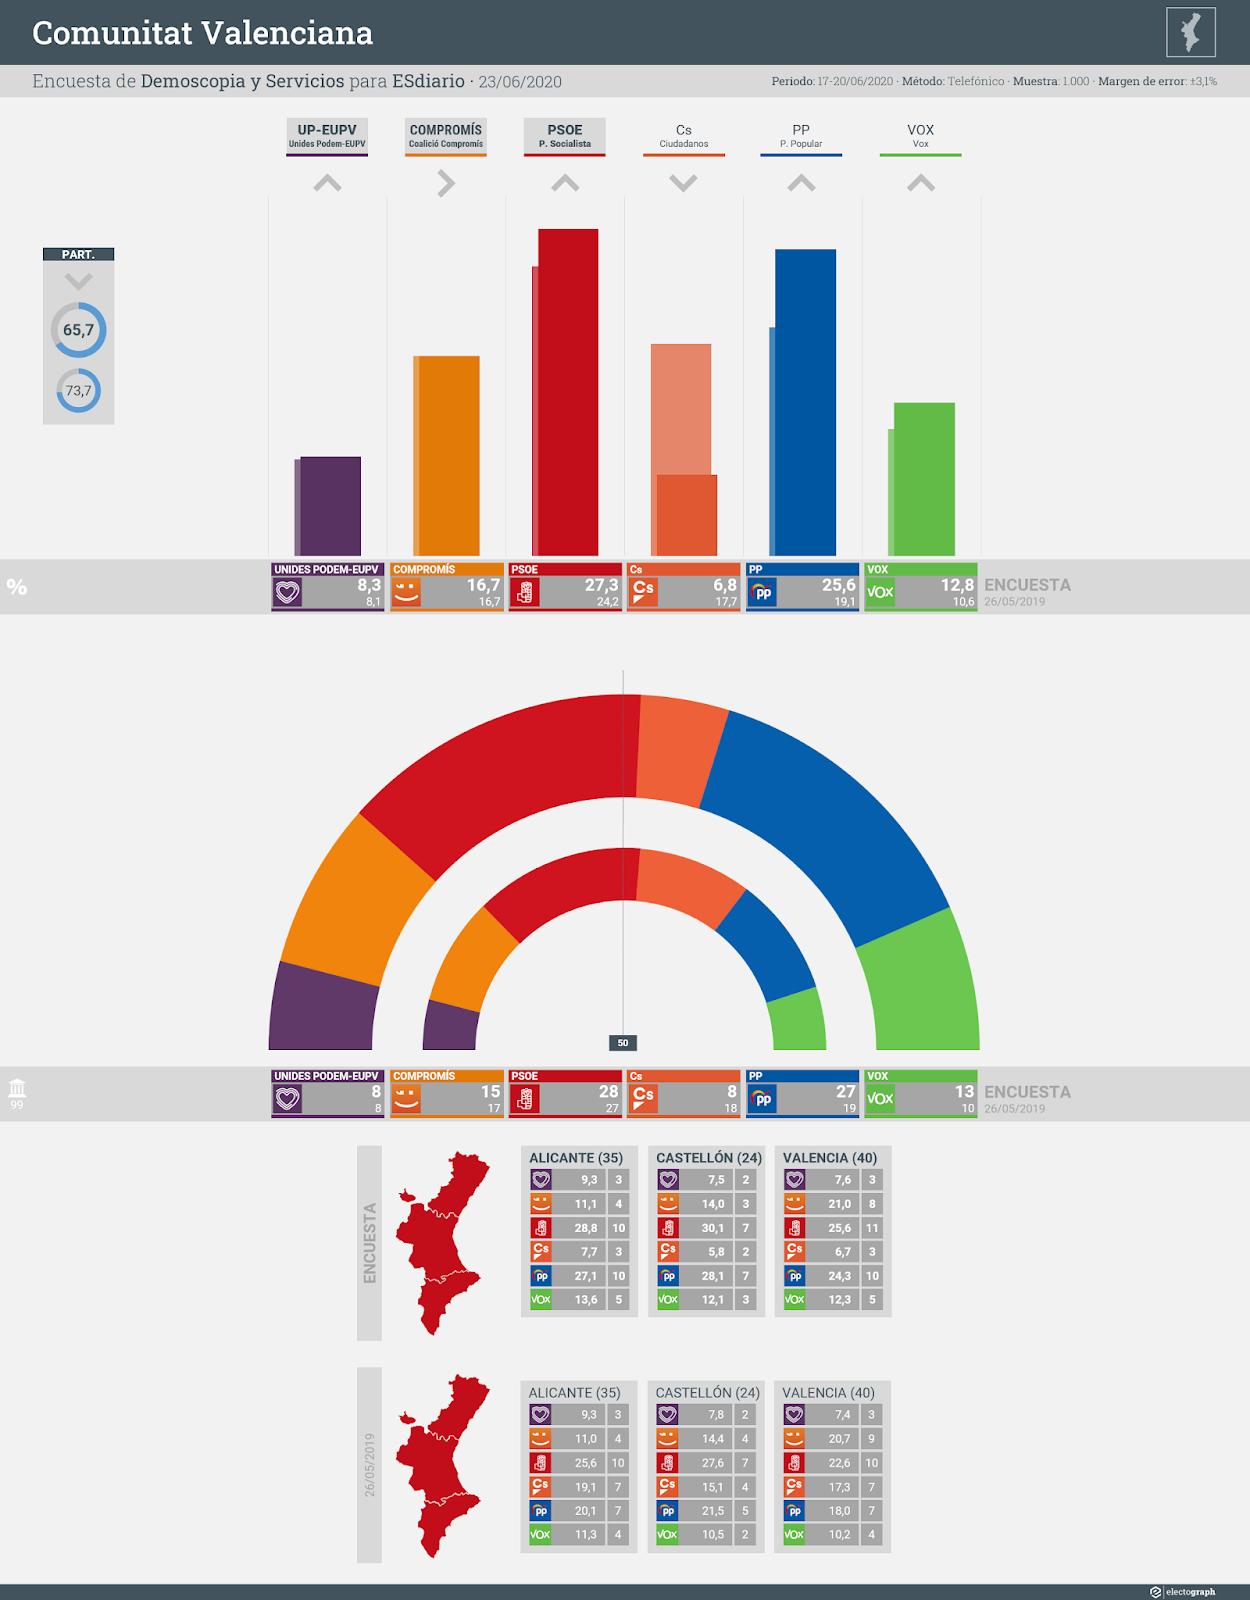 Gráfico de la encuesta para elecciones autonómicas en la Comunitat Valenciana realizada por Demoscopia y Servicios para ESdiario, 23 de junio de 2020